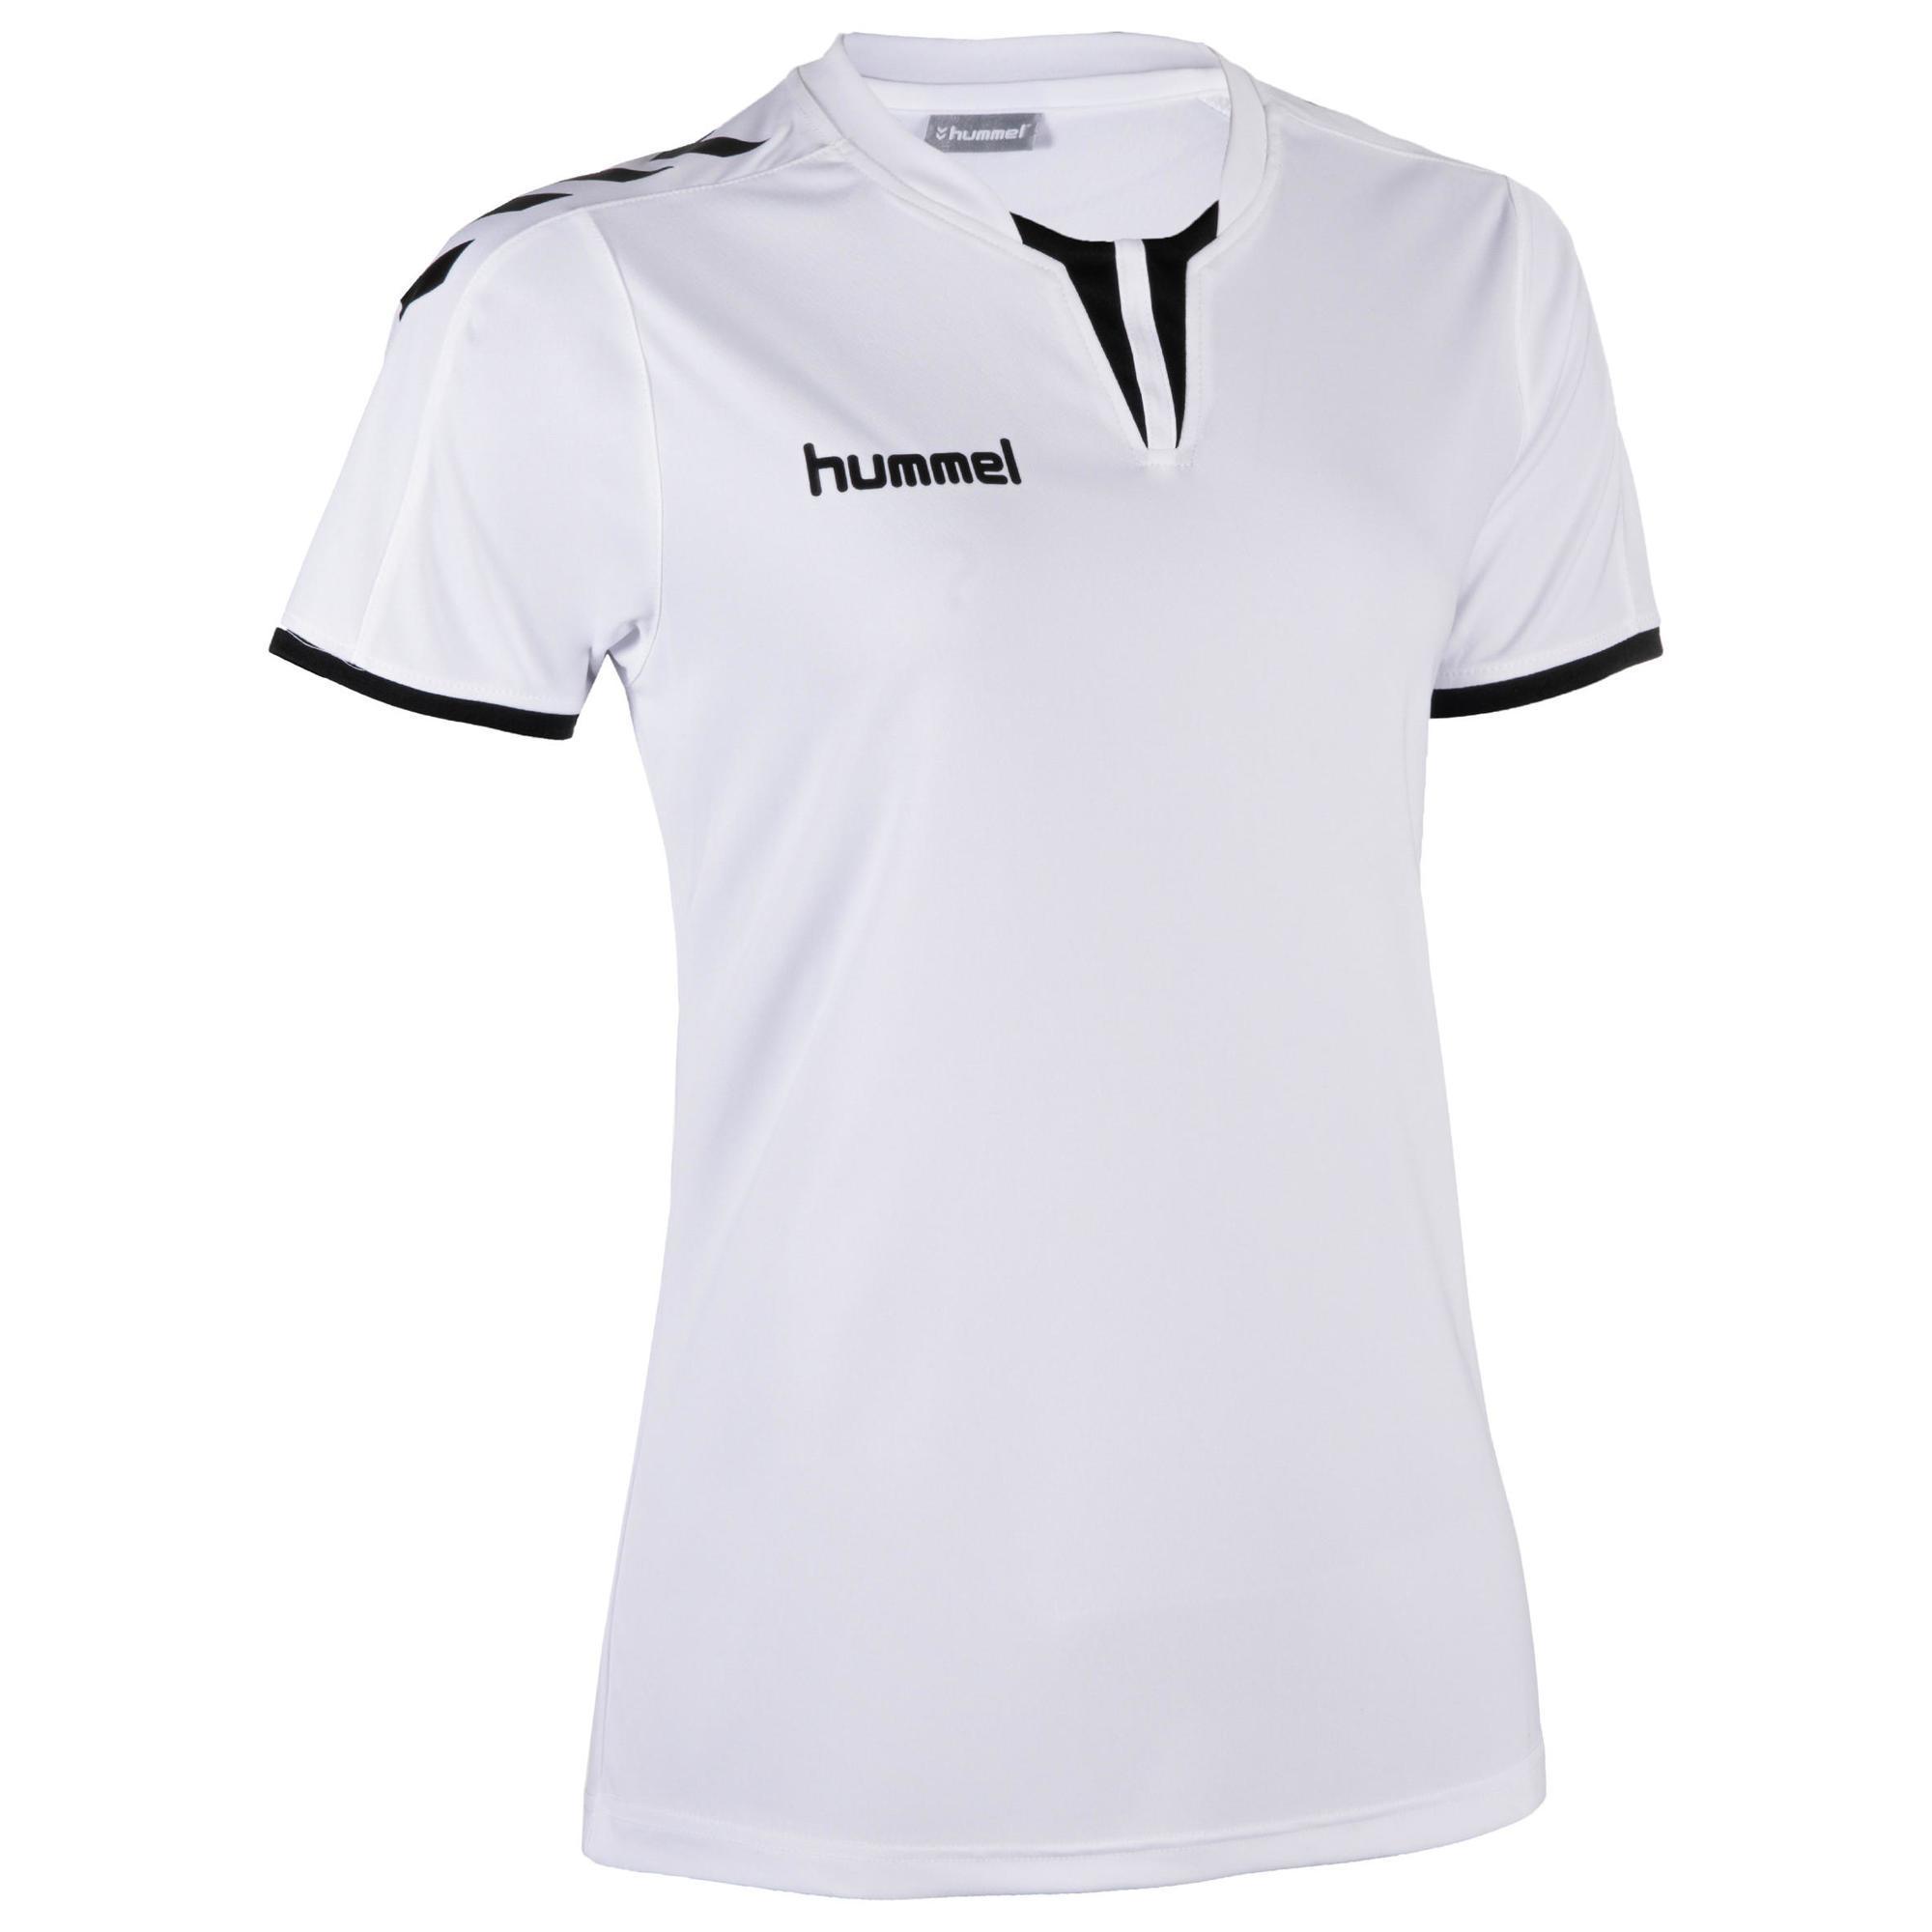 Handballtrikot Core Damen weiß/schwarz | Sportbekleidung > Trikots > Handballtrikots | Hummel